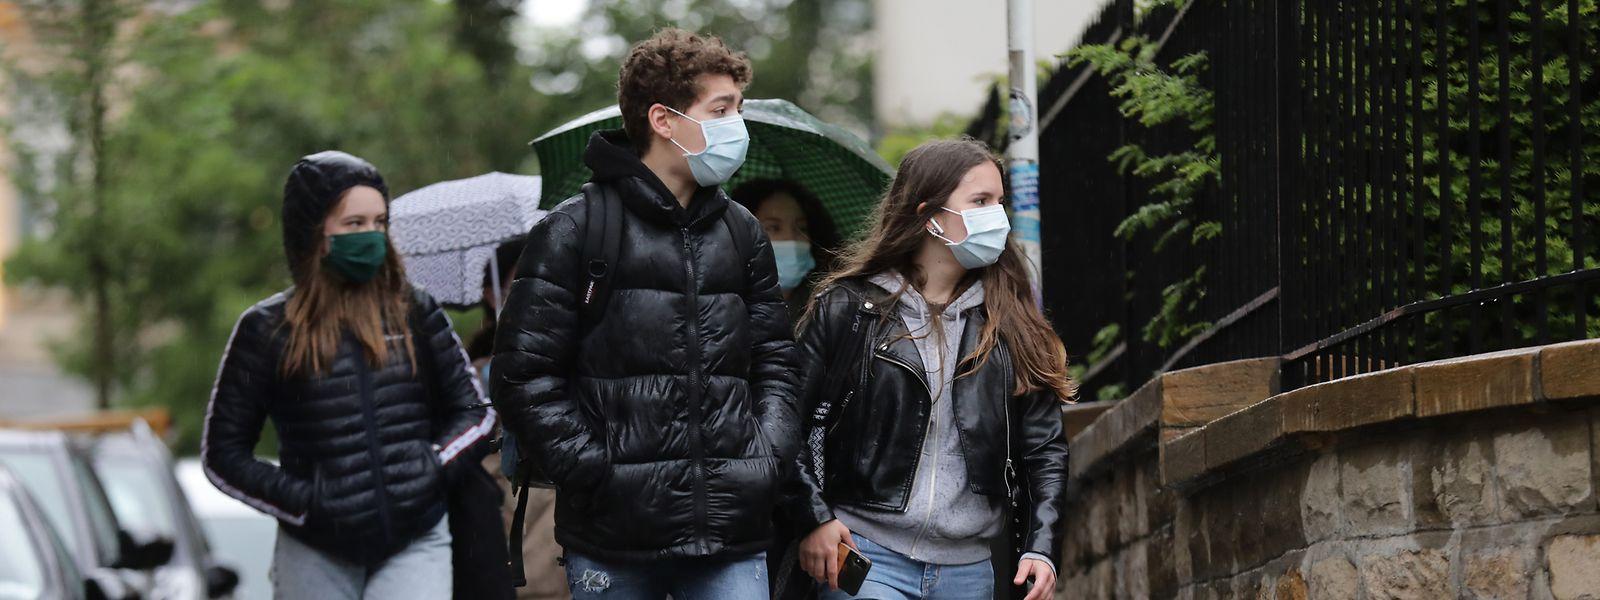 L'entrée en cours, comme dans les commerces, est désormais conditionnée par le respect de règles d'hygiène strictes. L'ère du coronavirus impose le port du masque de protection.